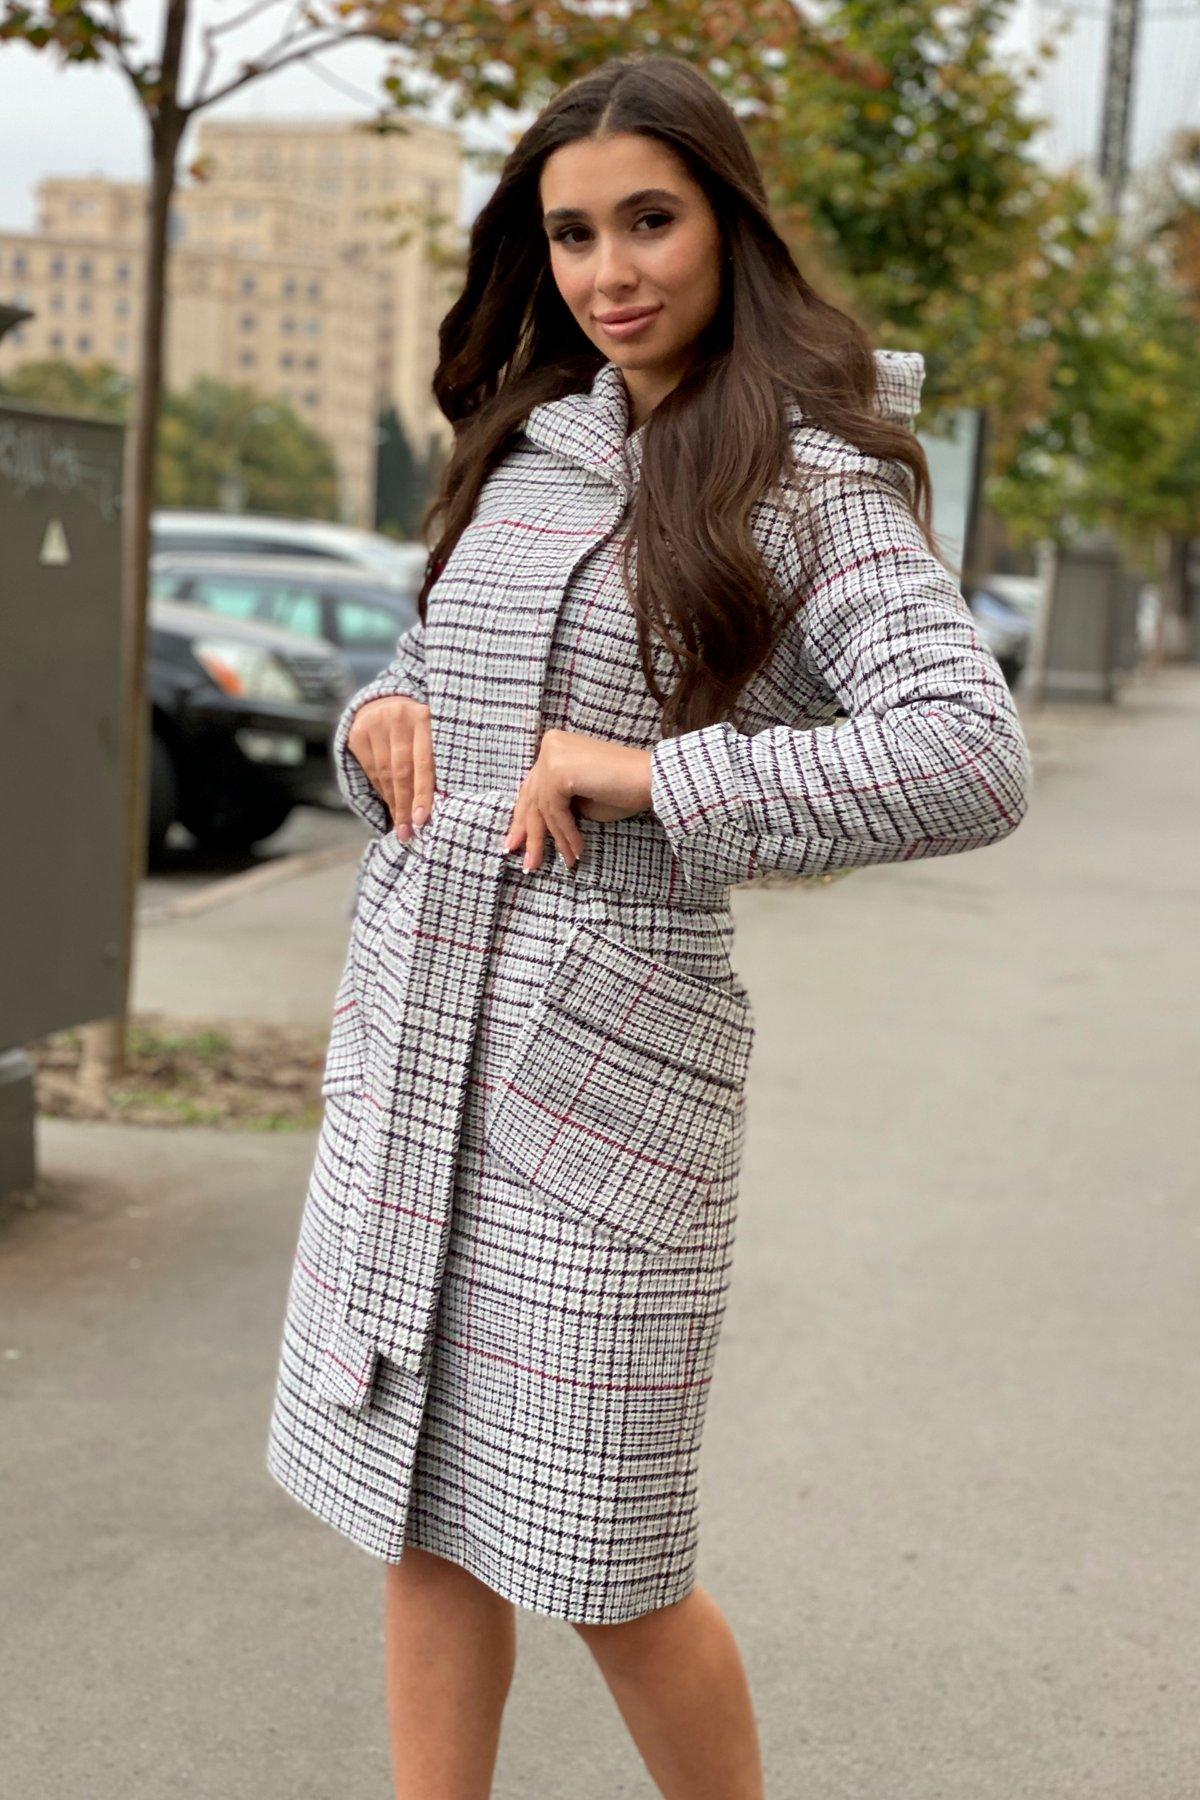 Зимнее пальто в стильную клетку Анджи 8276 АРТ. 44724 Цвет: Клетка кр черн/сер/вин - фото 9, интернет магазин tm-modus.ru